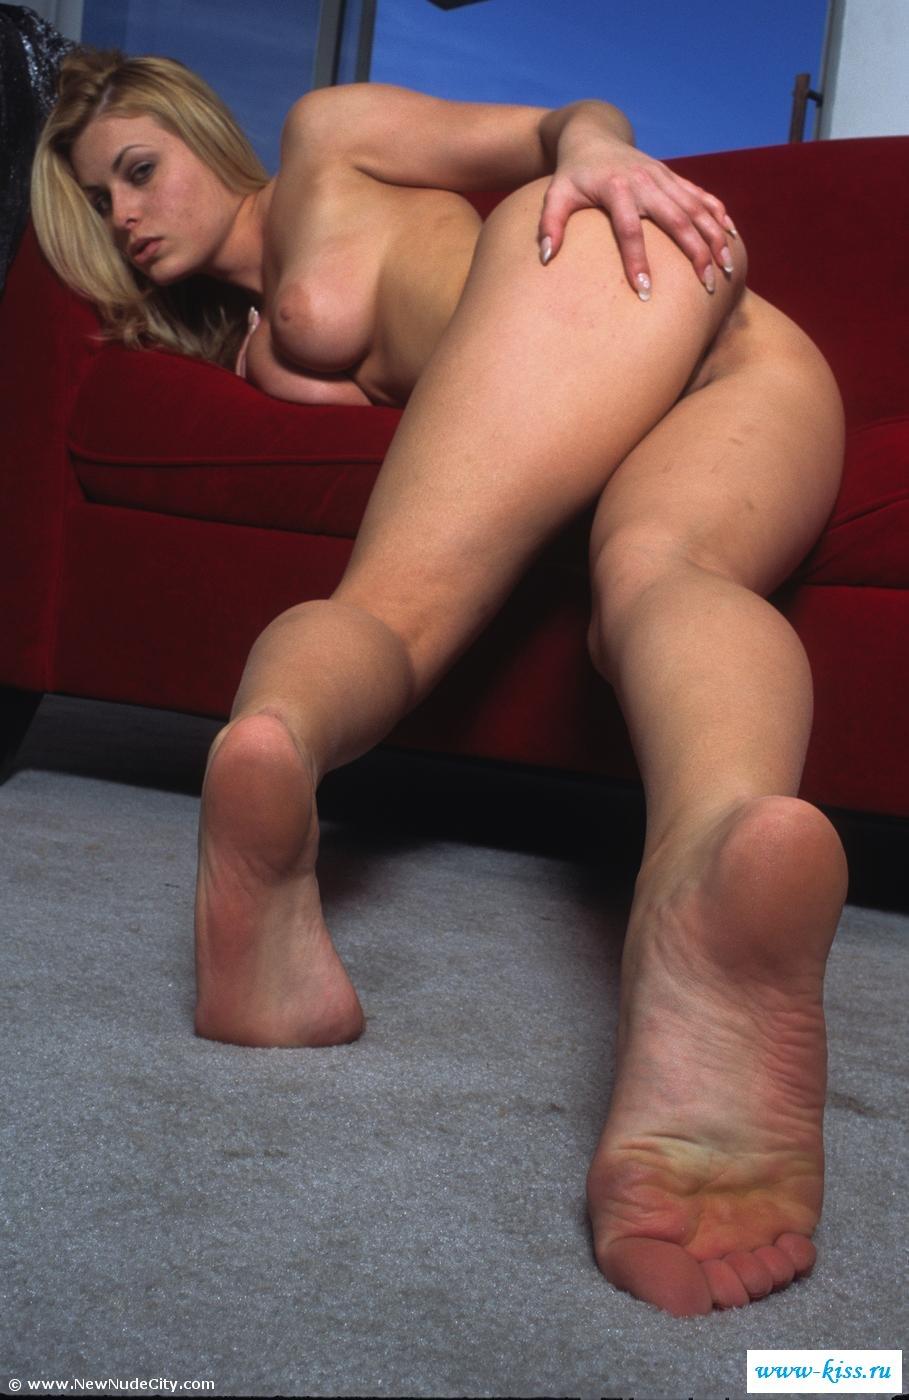 Толстозадая голая блондиночка коротает вечерок. Порно модель со свелыми волосами.